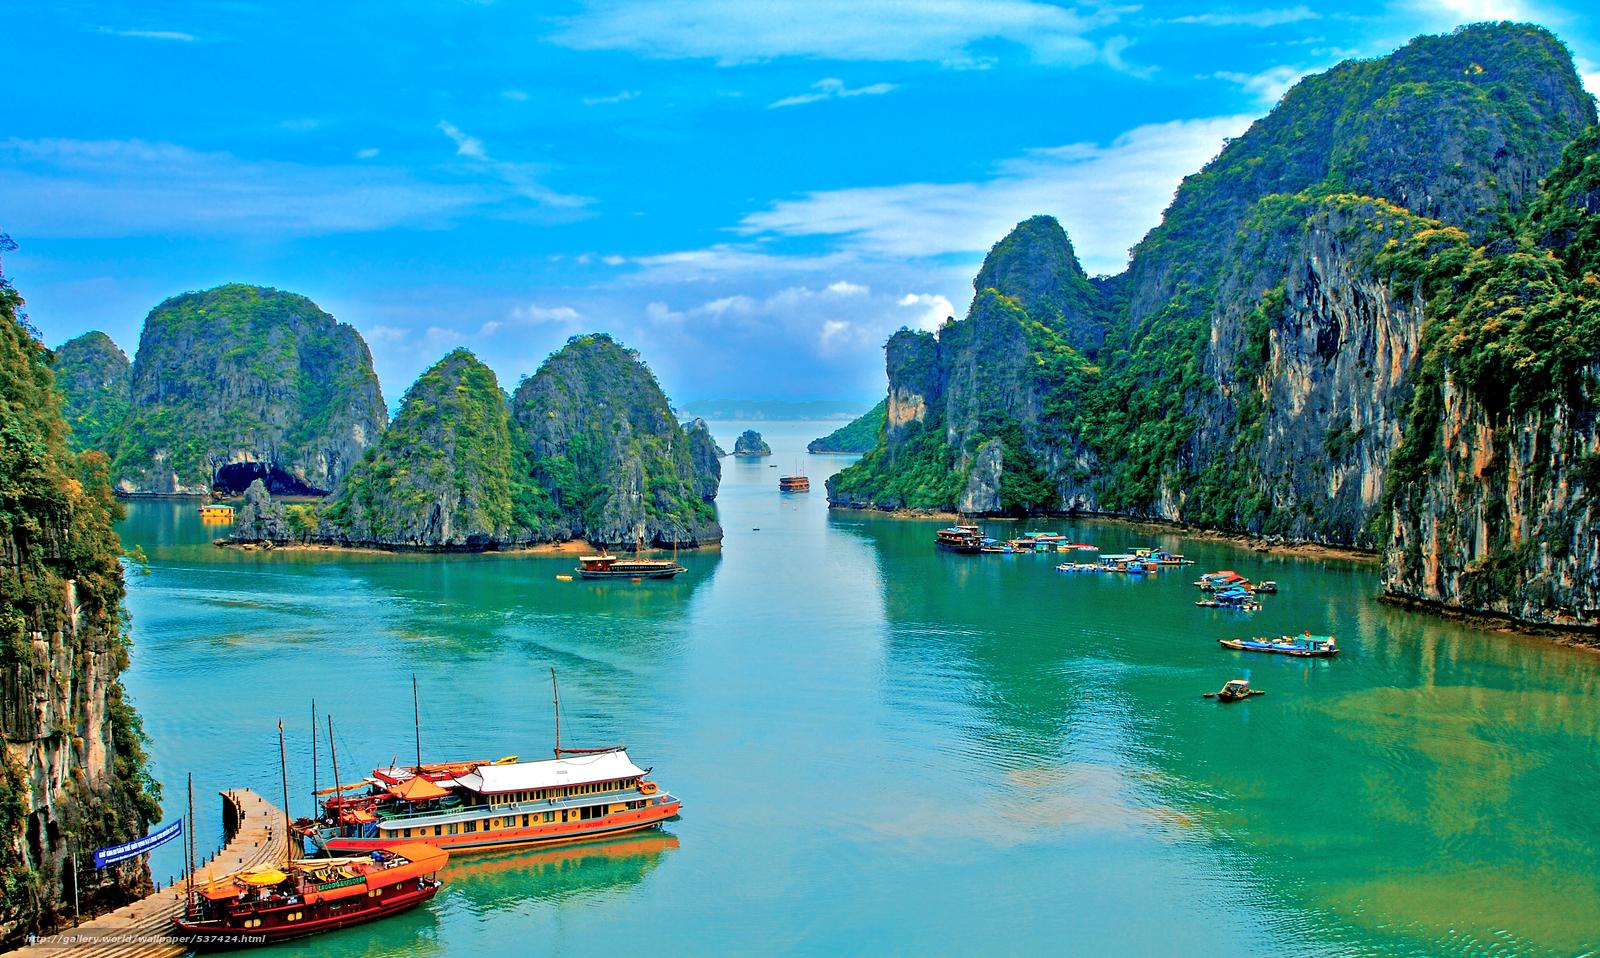 Download wallpaper tropics sea Vietnam desktop wallpaper in the 1600x958